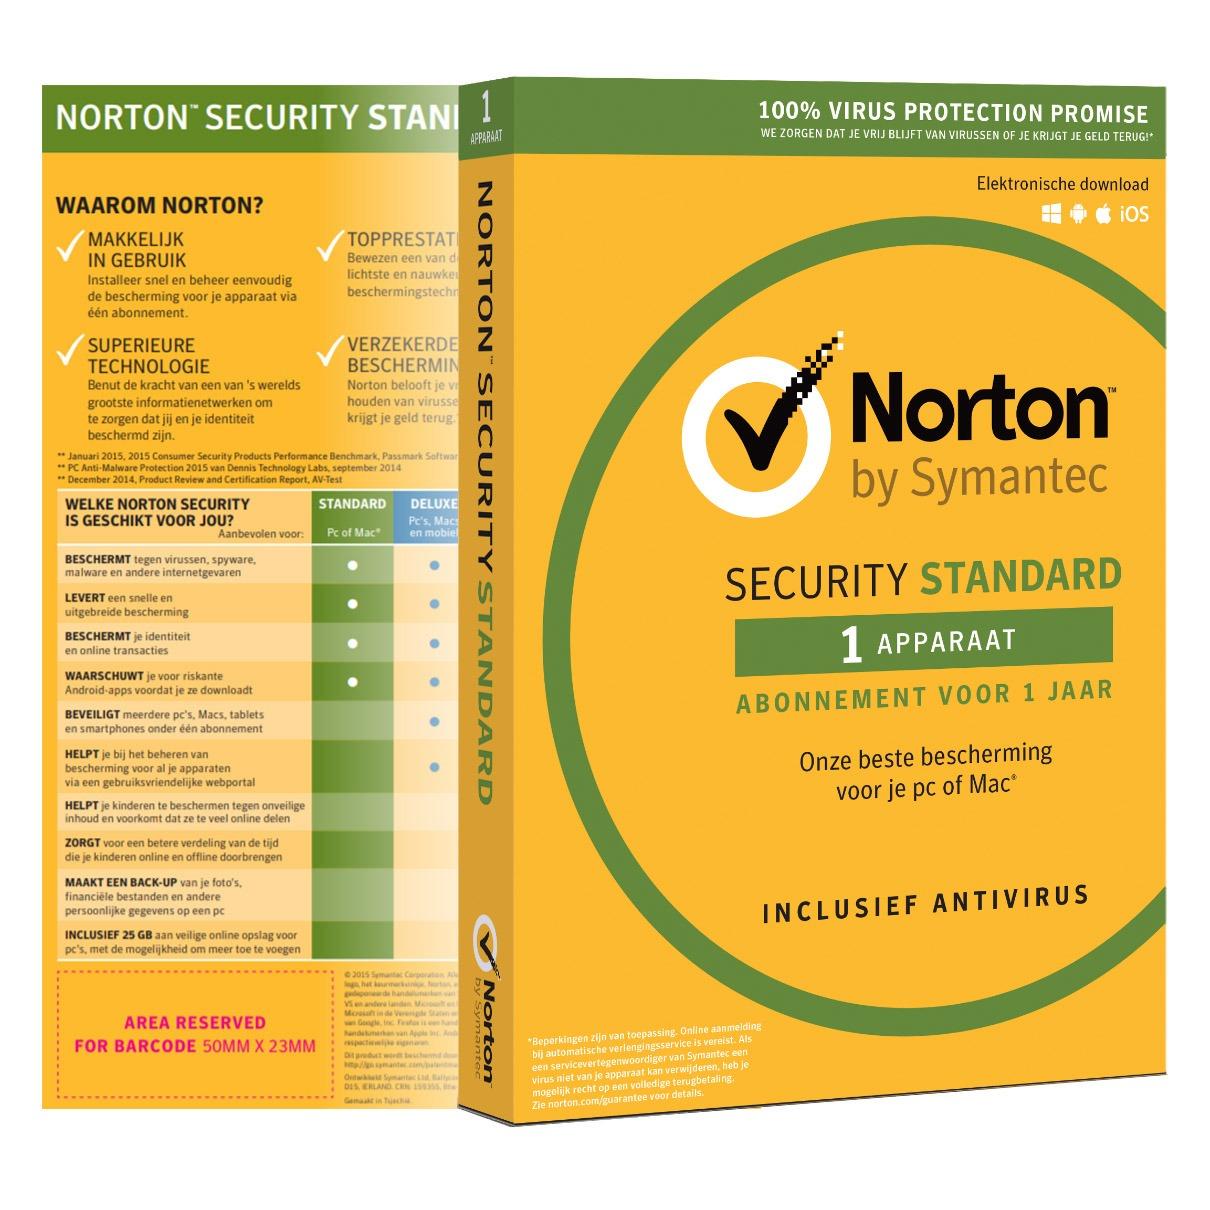 Symantec software Norton Security Standard 2019 | 1 apparaat | 1 jaar | antivirus inbegrepen